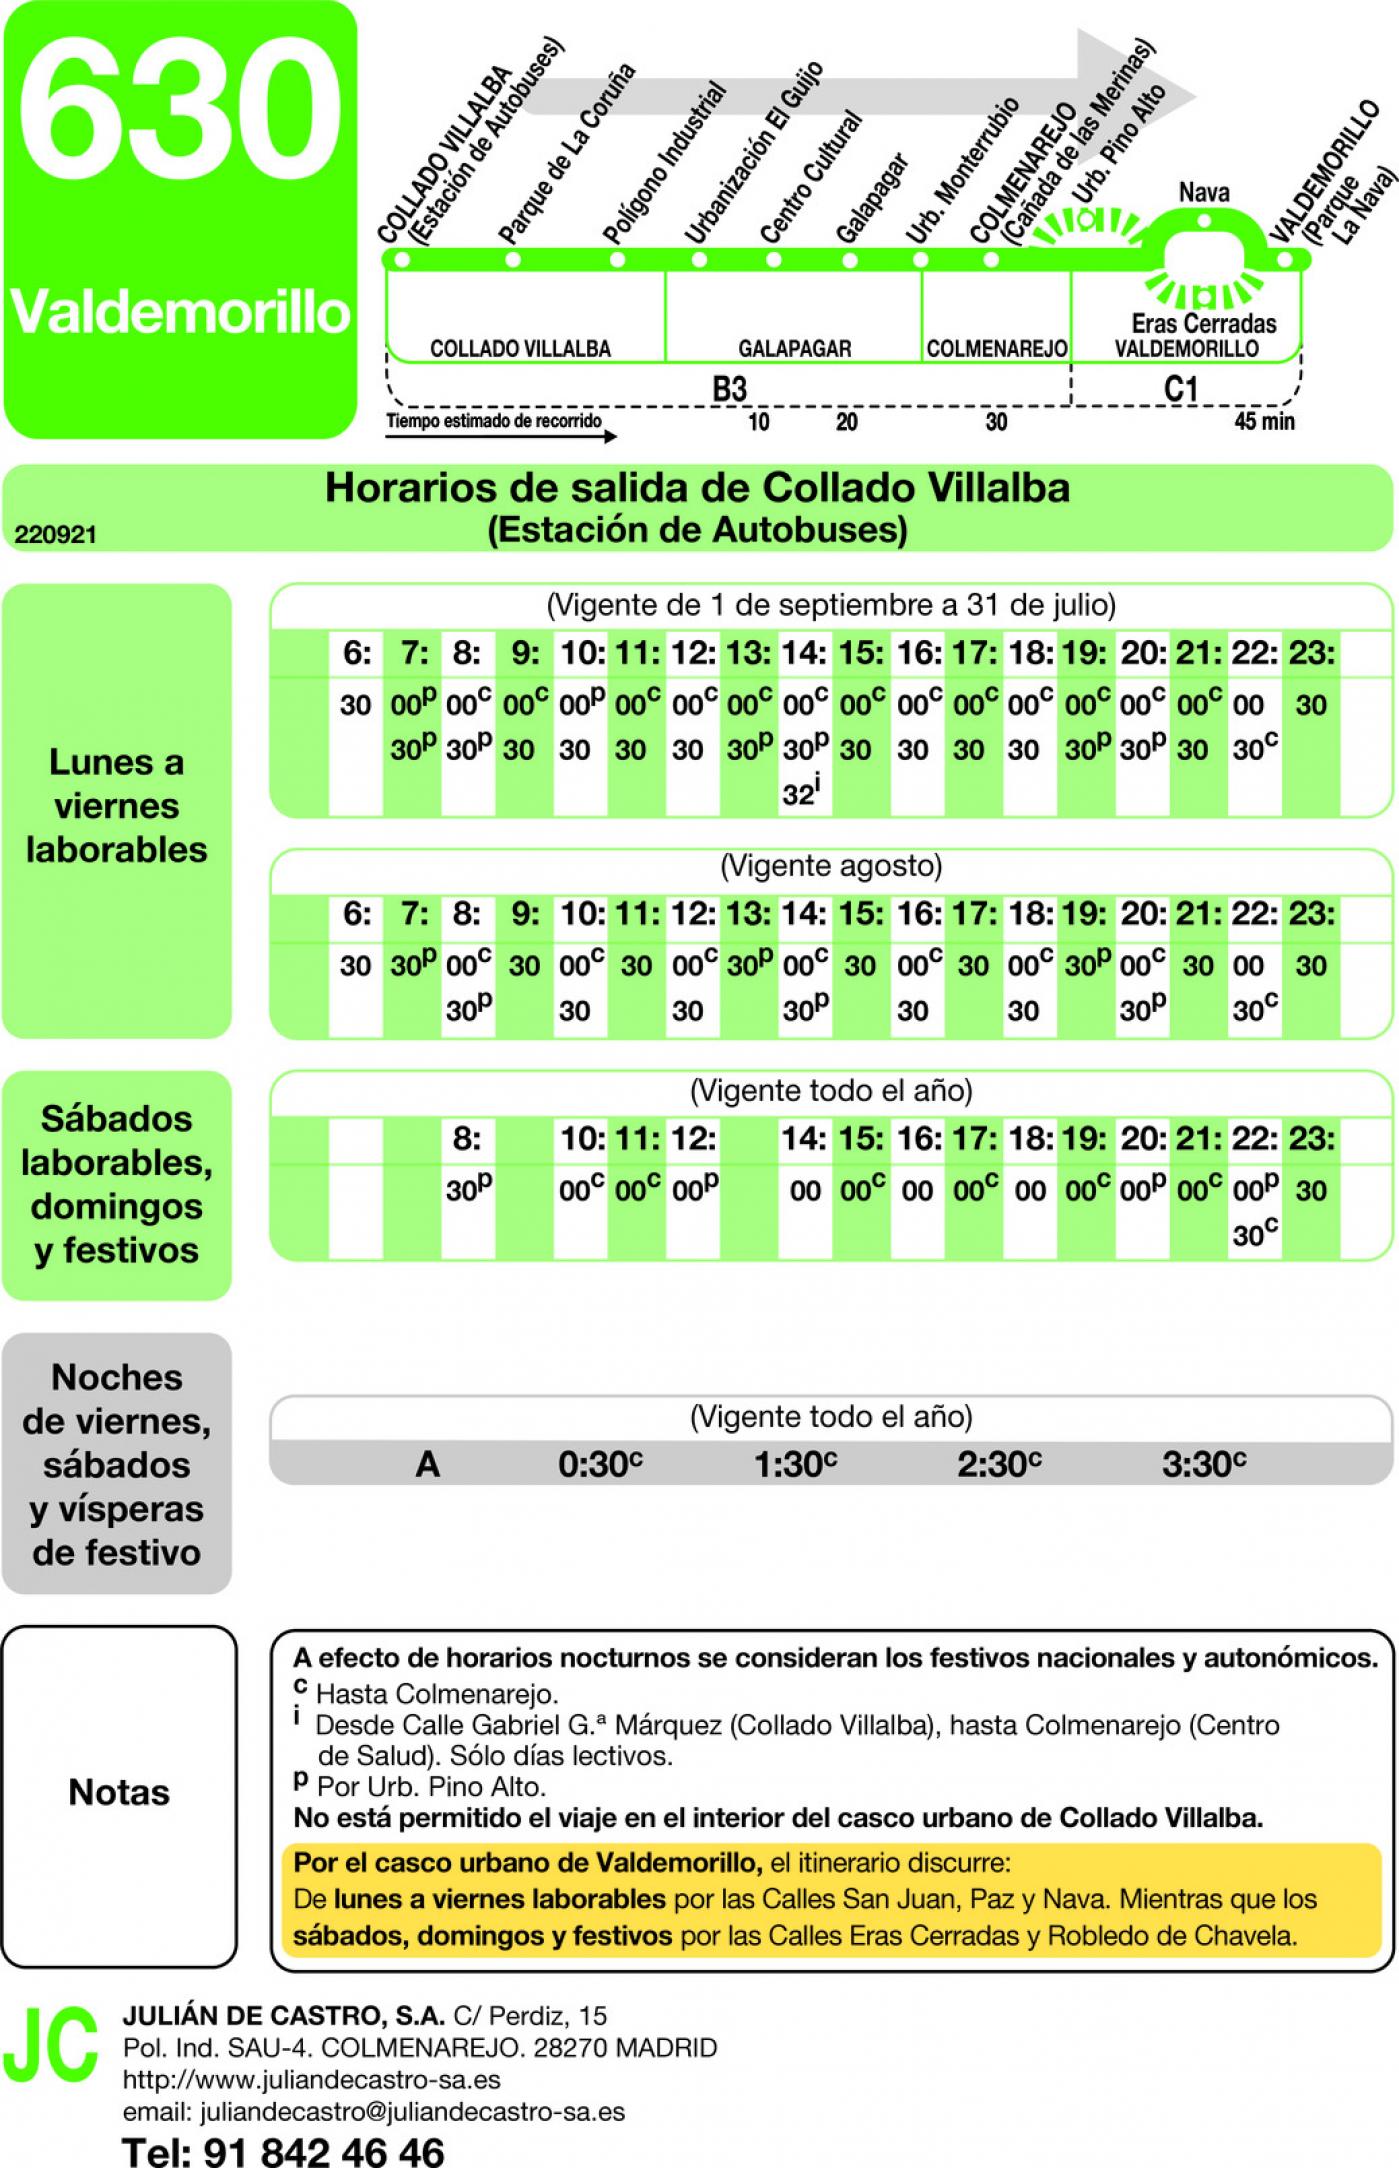 Tabla de horarios y frecuencias de paso en sentido ida Línea 630: Villalba (Estación) - Galapagar - Colmenarejo - Valdemorillo